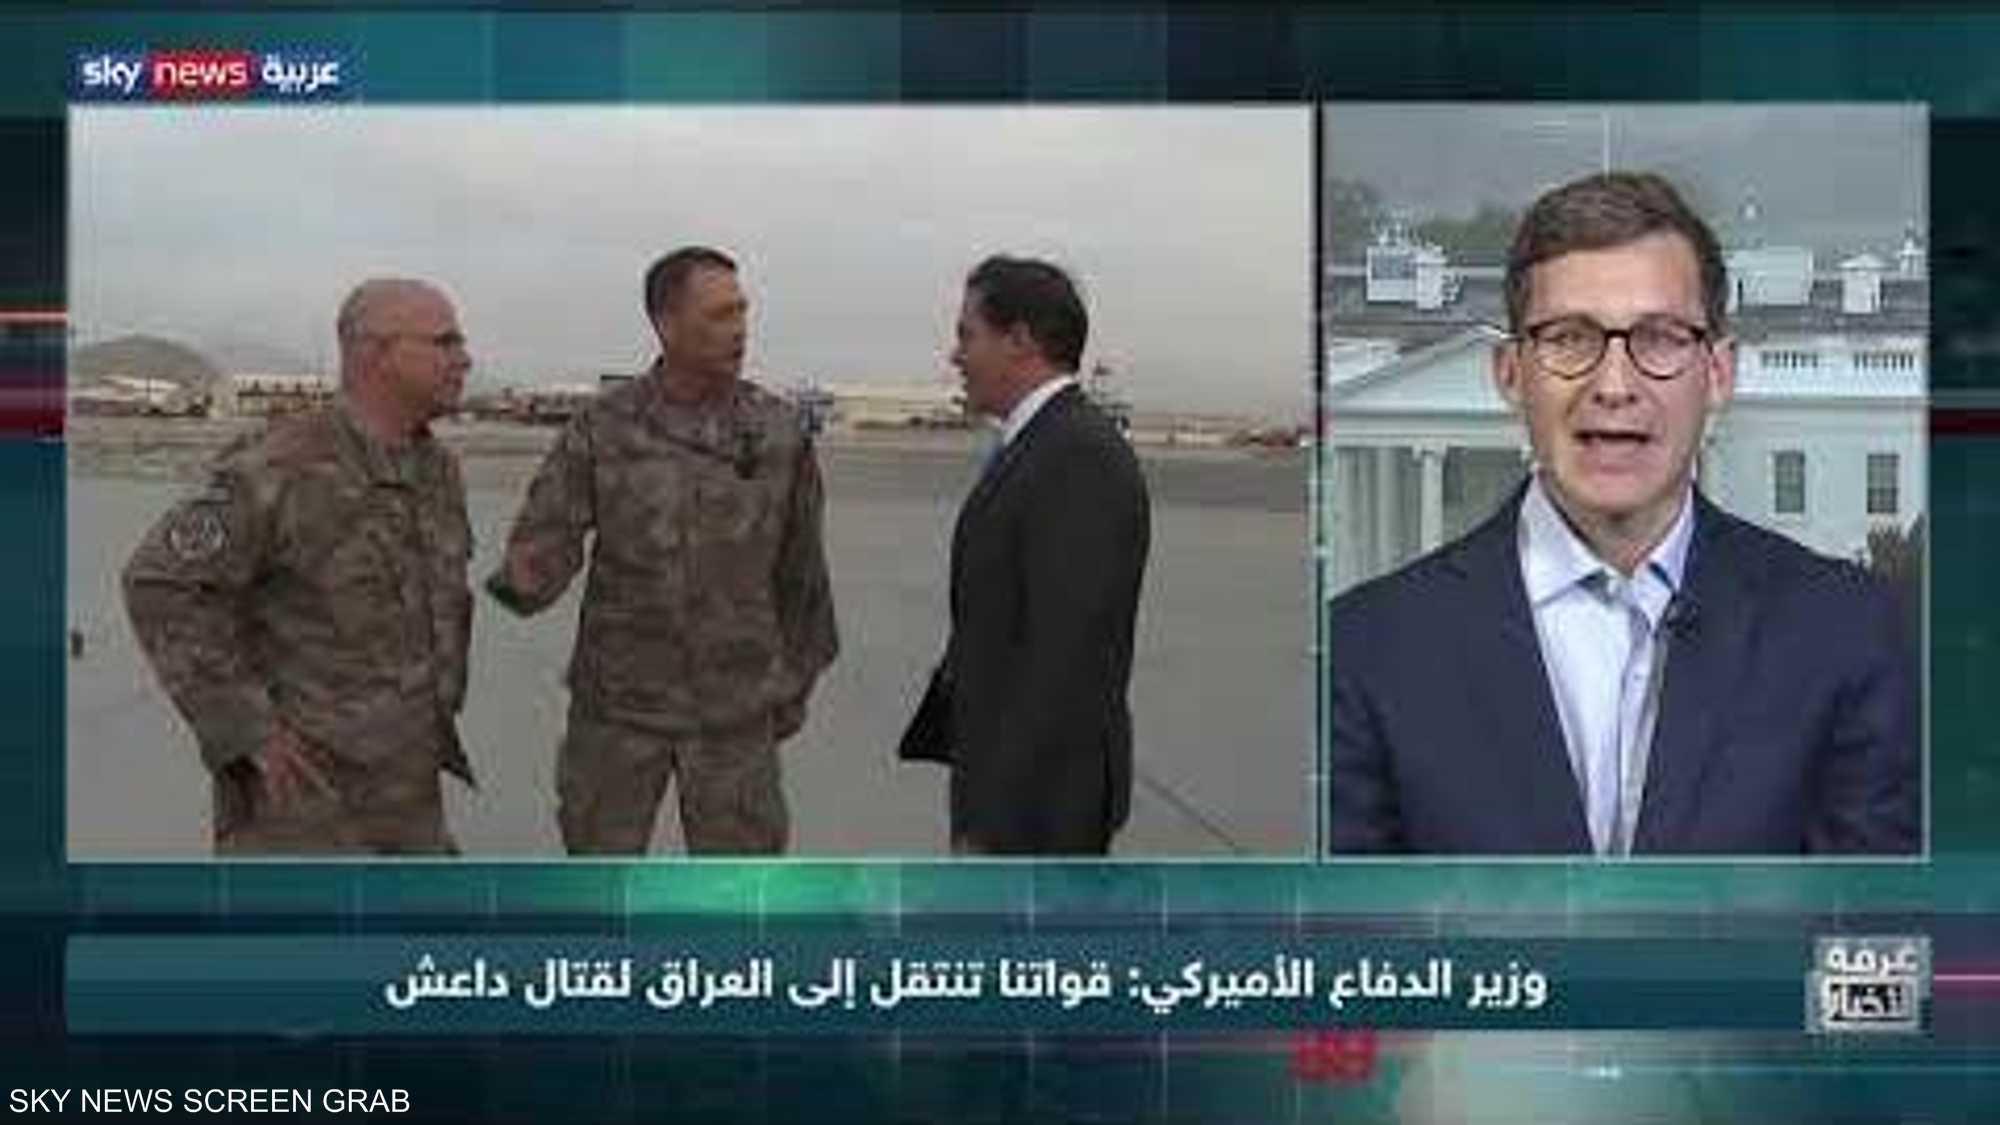 واشنطن ومكافحة الإرهاب.. من سوريا إلى العراق